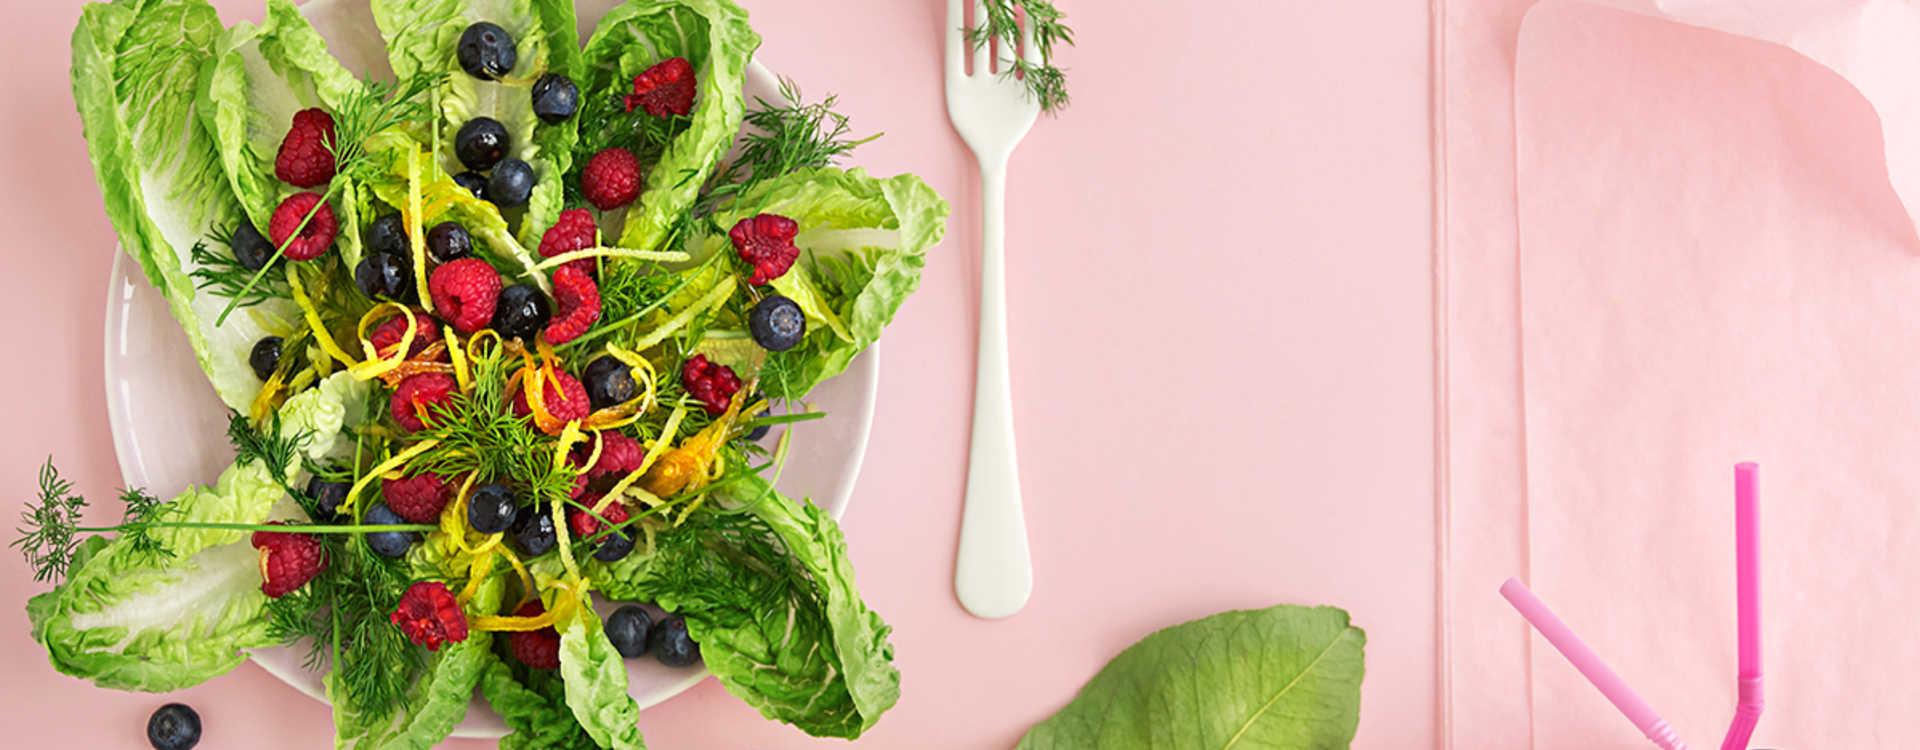 Hjertesalat med friske bær, dill og kokt sitron-vinaigrette